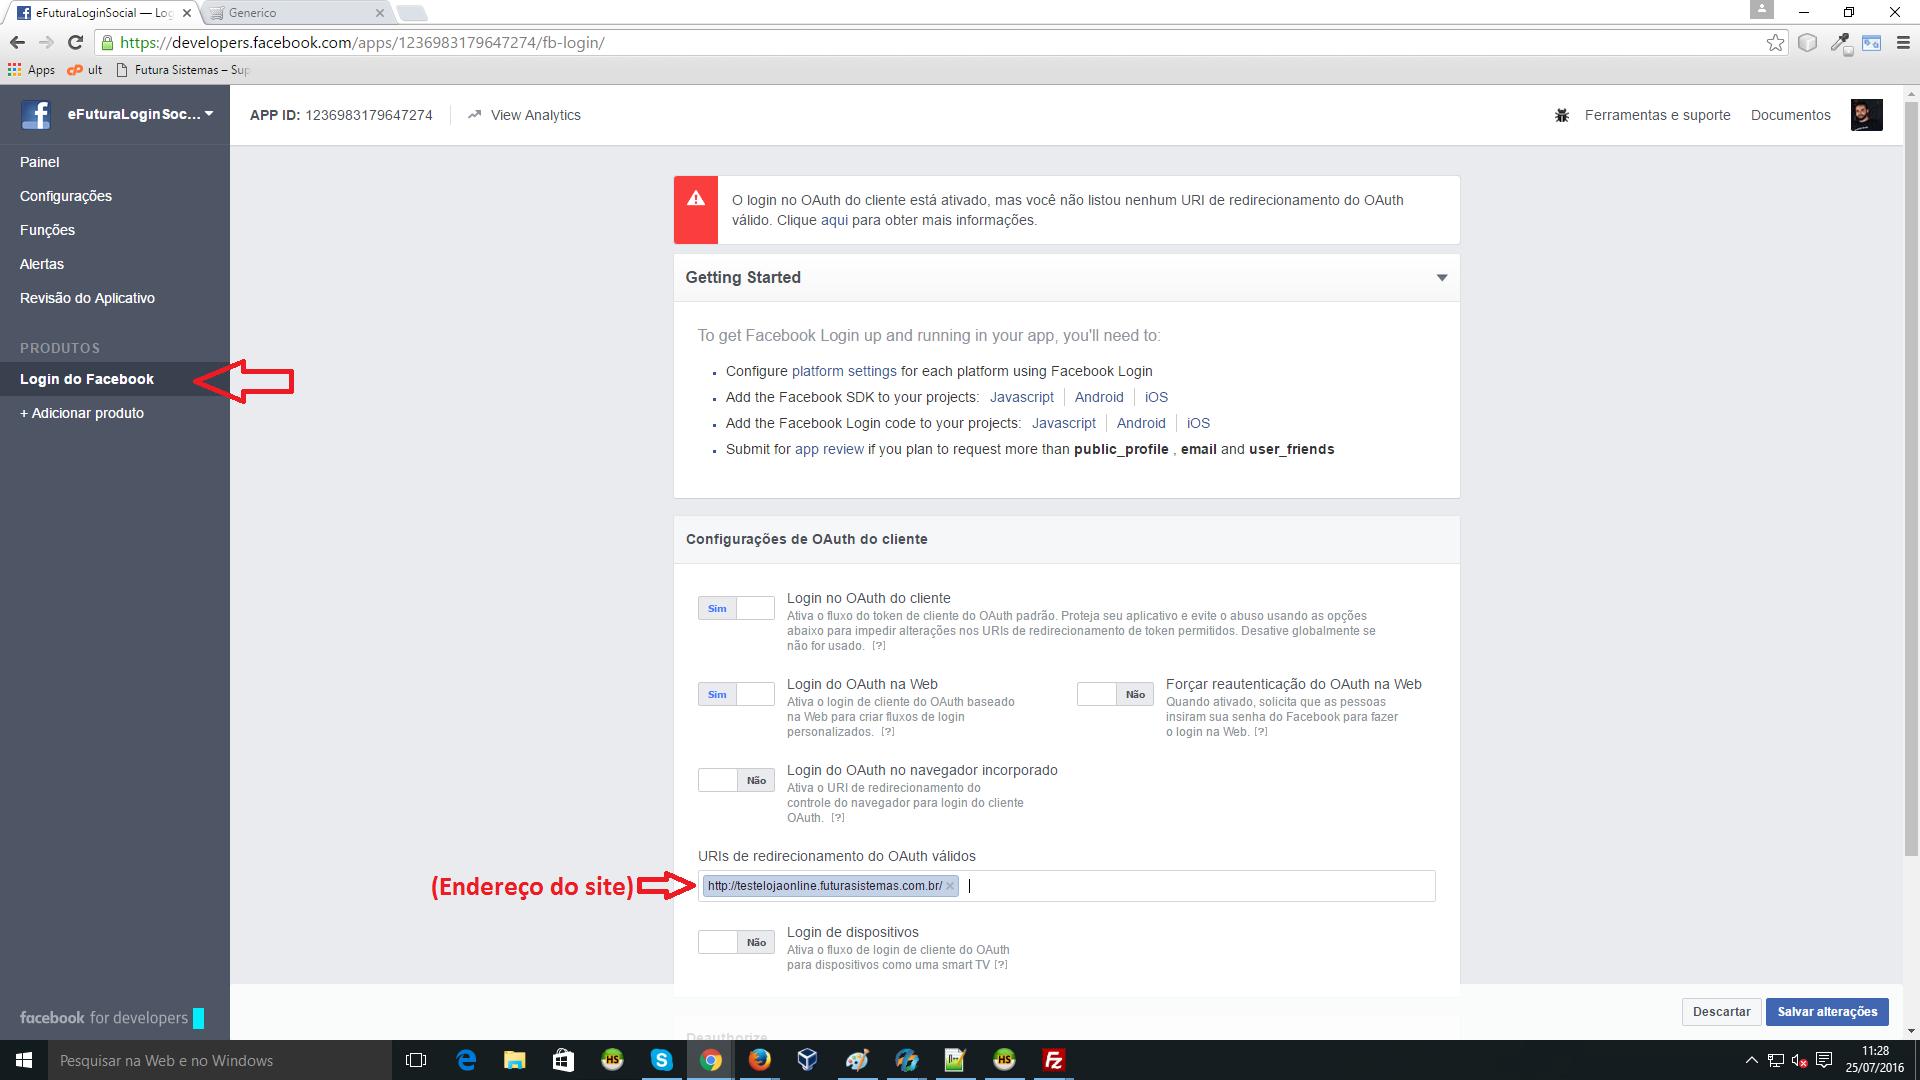 Configurao do aplicativo de login com o facebook futura sistemas facebook img12 stopboris Image collections